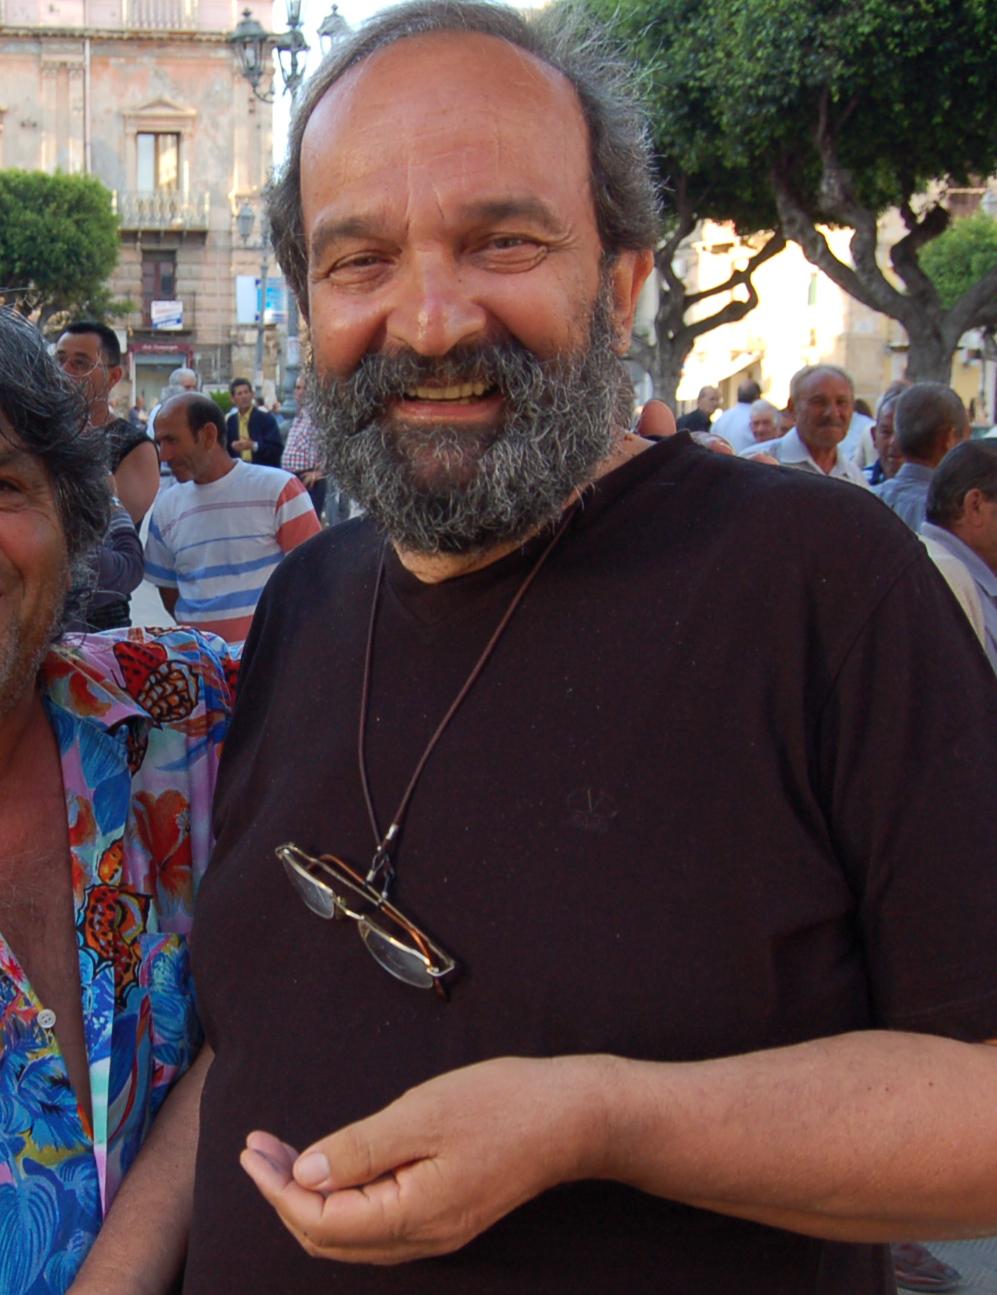 Federico Guglielmo Lento - Onorevole per caso